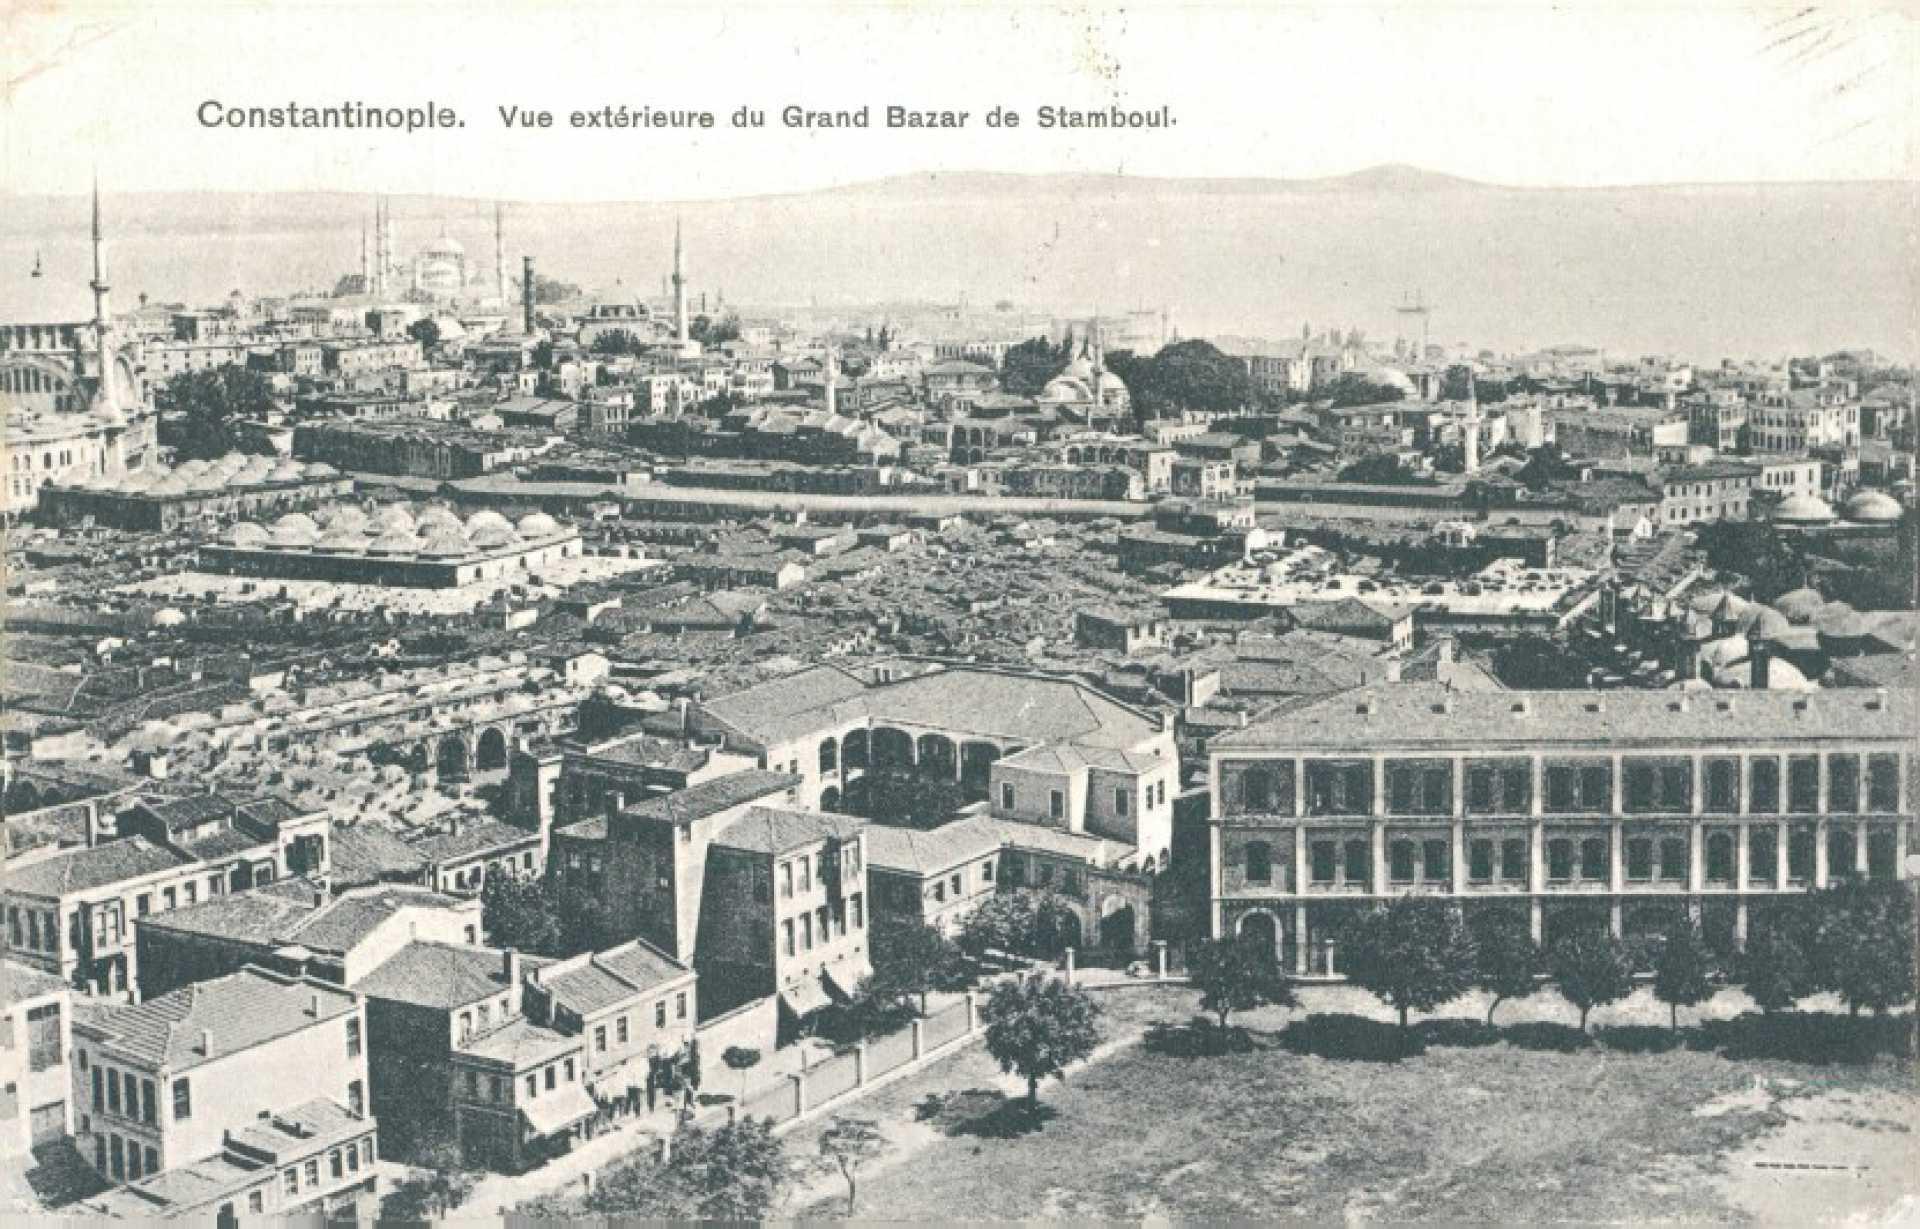 Vue exterieure du grand bazar de Stamboul